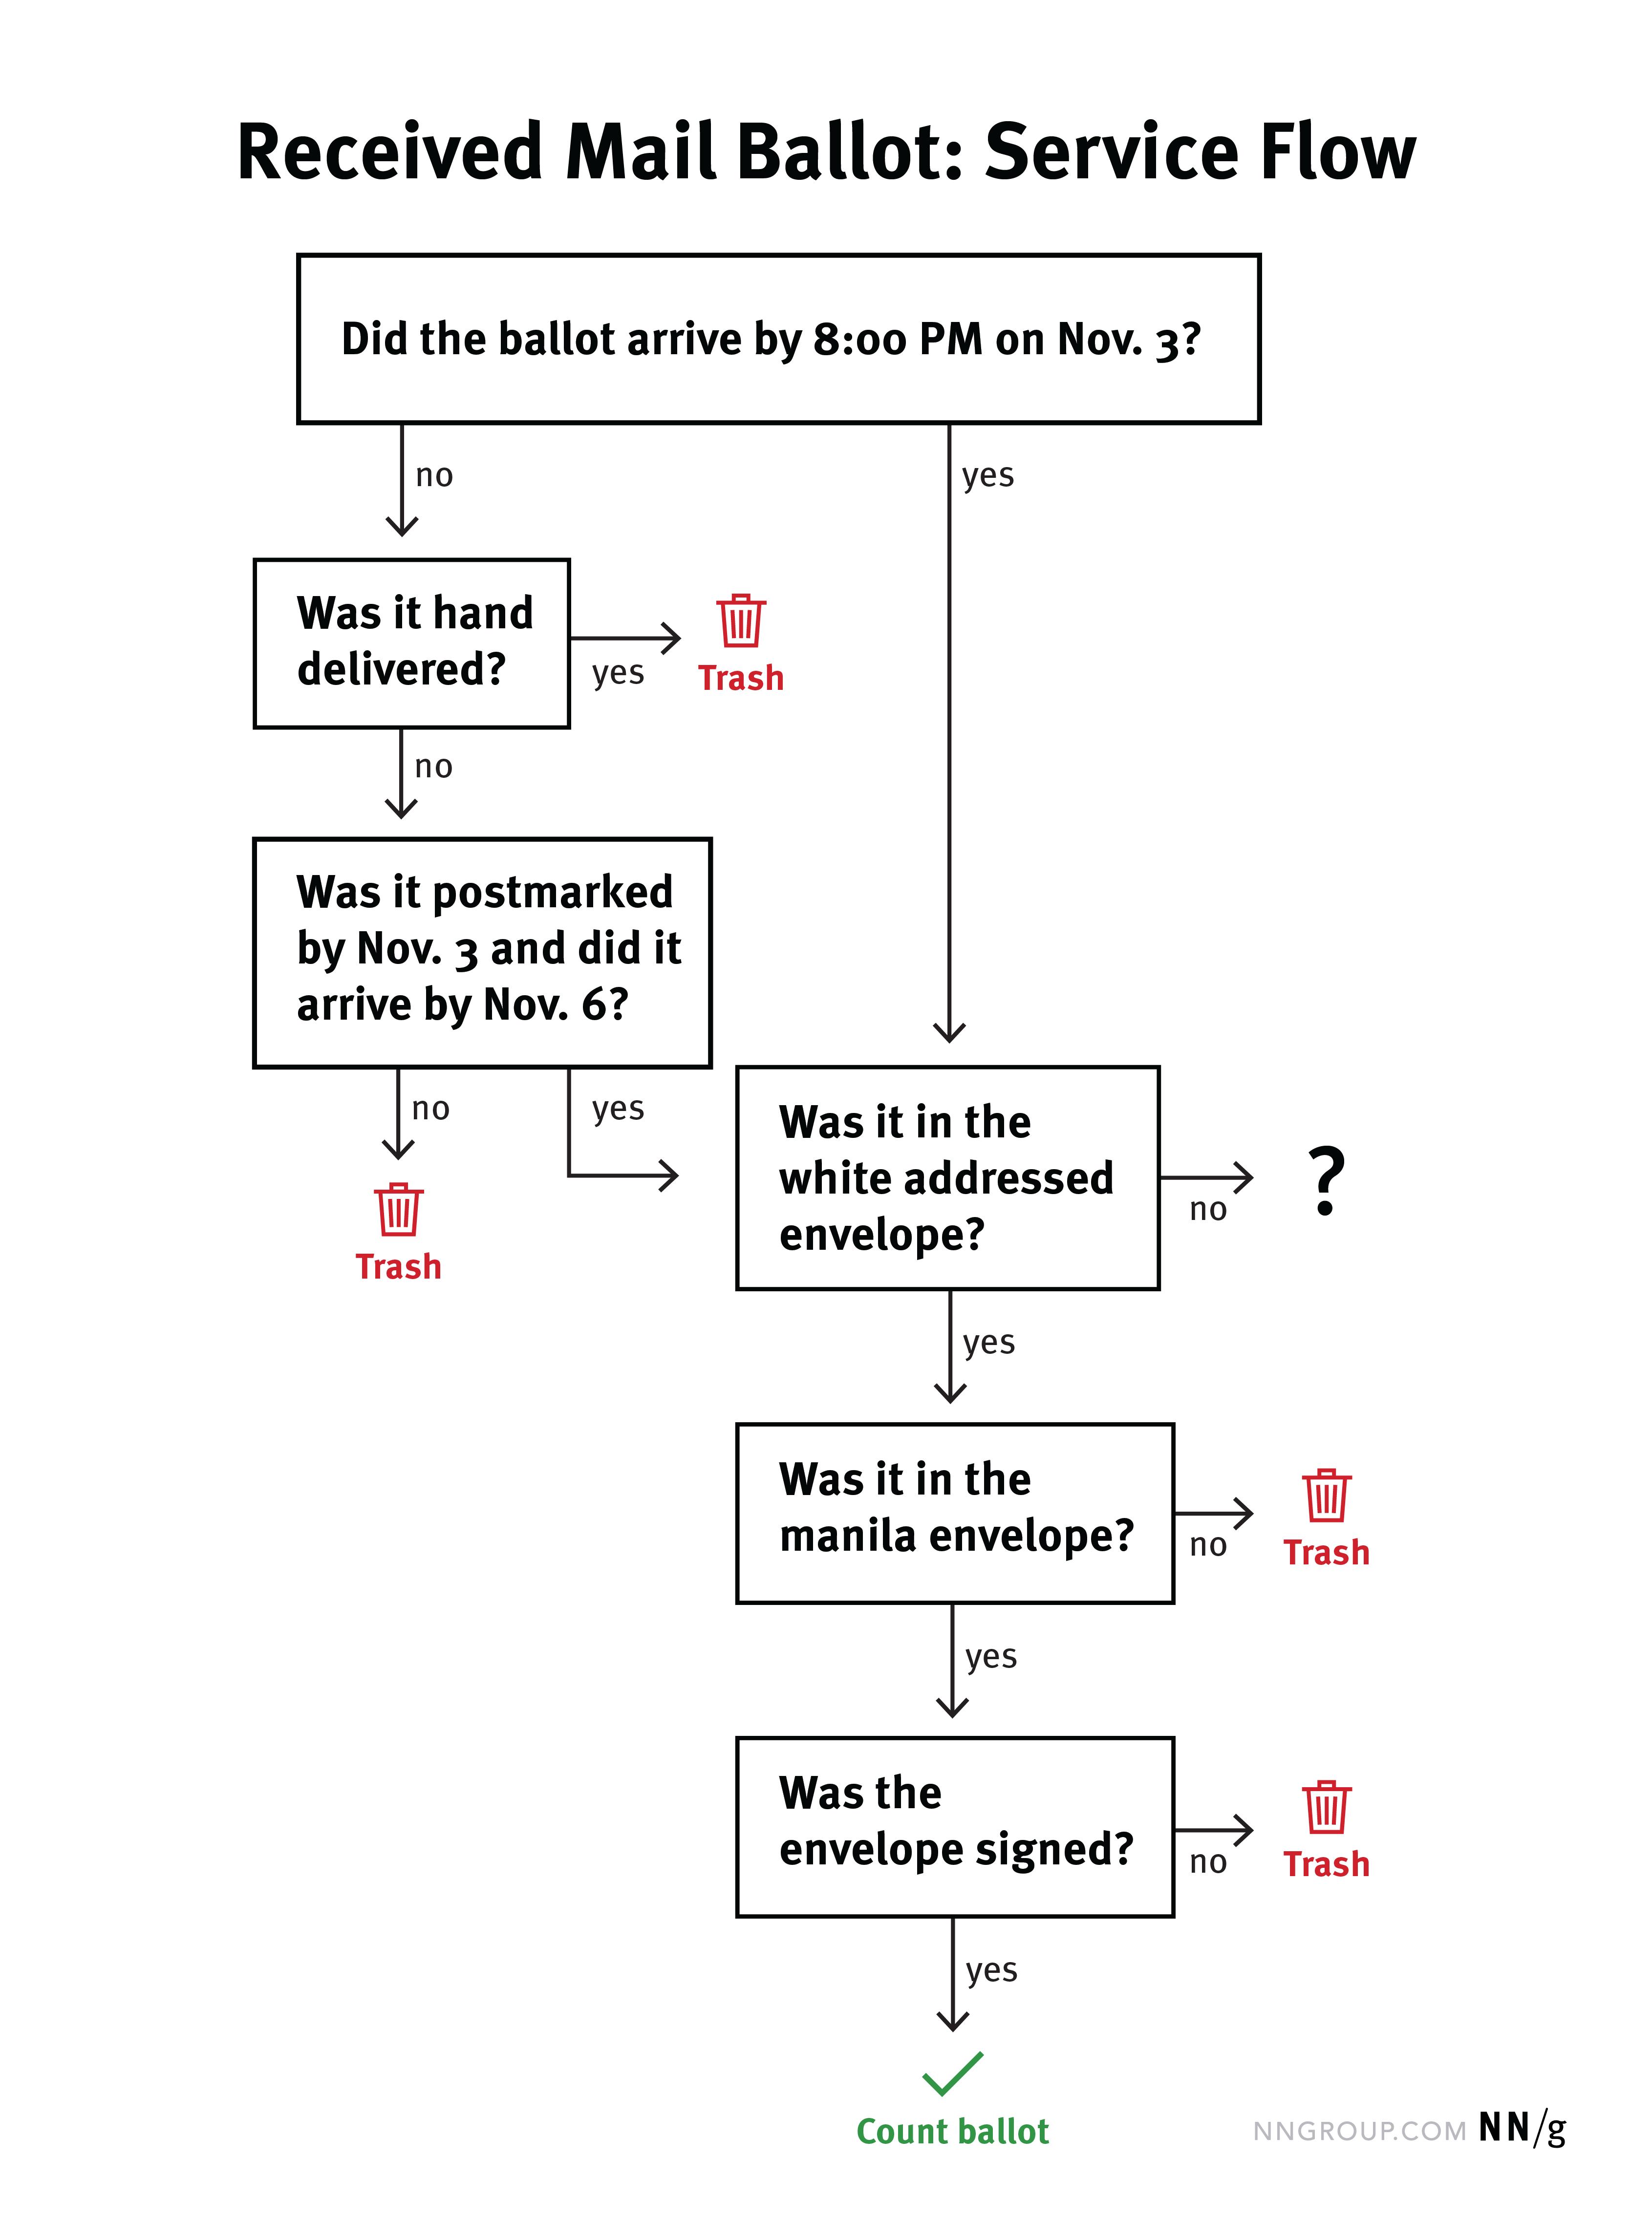 接收邮件选票服务流程(流程图):难道选票上的11月3日抵达由8:00 PM?是的,那是它在白色信封。没有,然后呢?不知道会发生什么。是的,那是它在牛皮纸信封?否,然后垃圾。是的,然后在信封签署?否,然后垃圾。是的,再算选票。